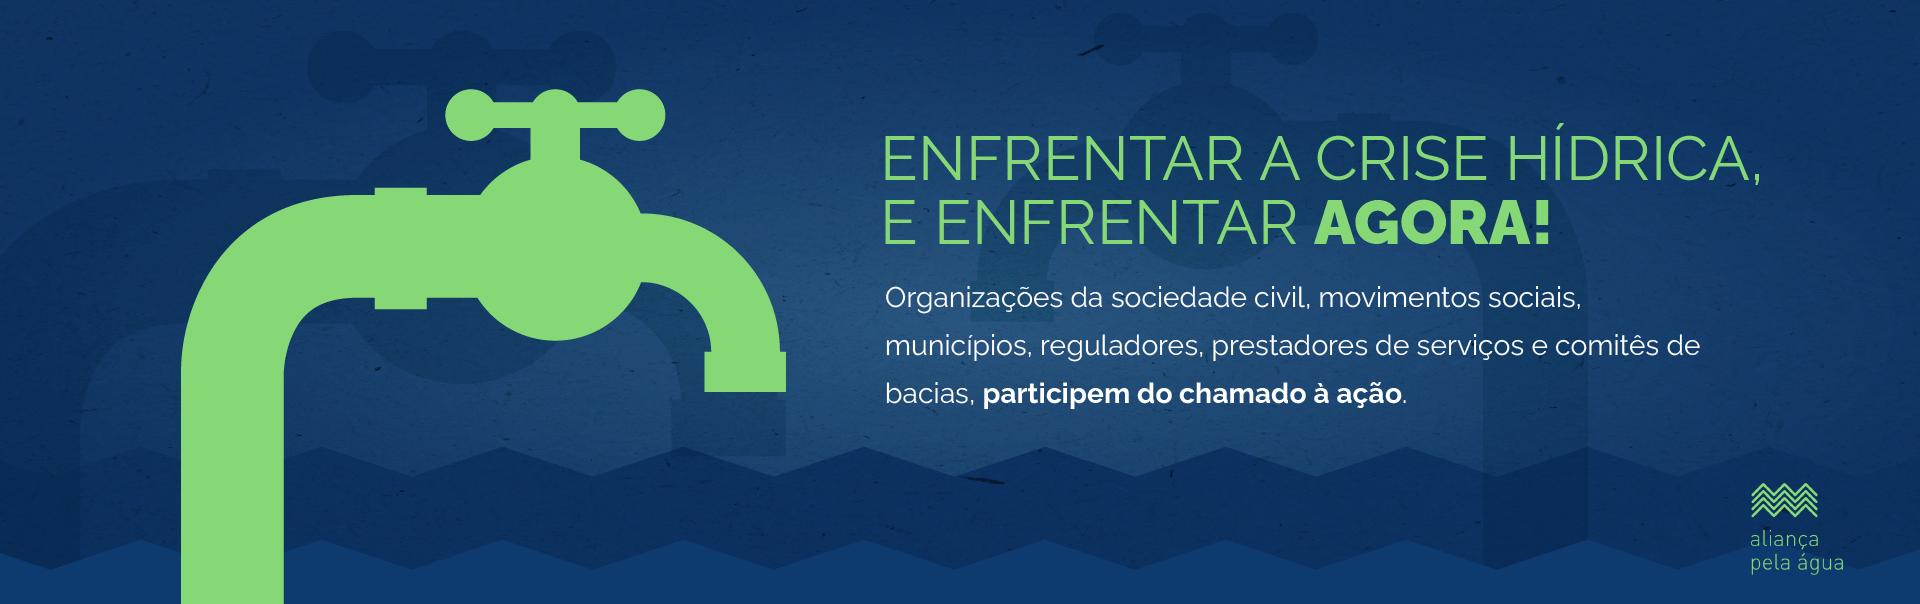 IAS participa de mobilização de enfrentamento à crise hídrica no Brasil